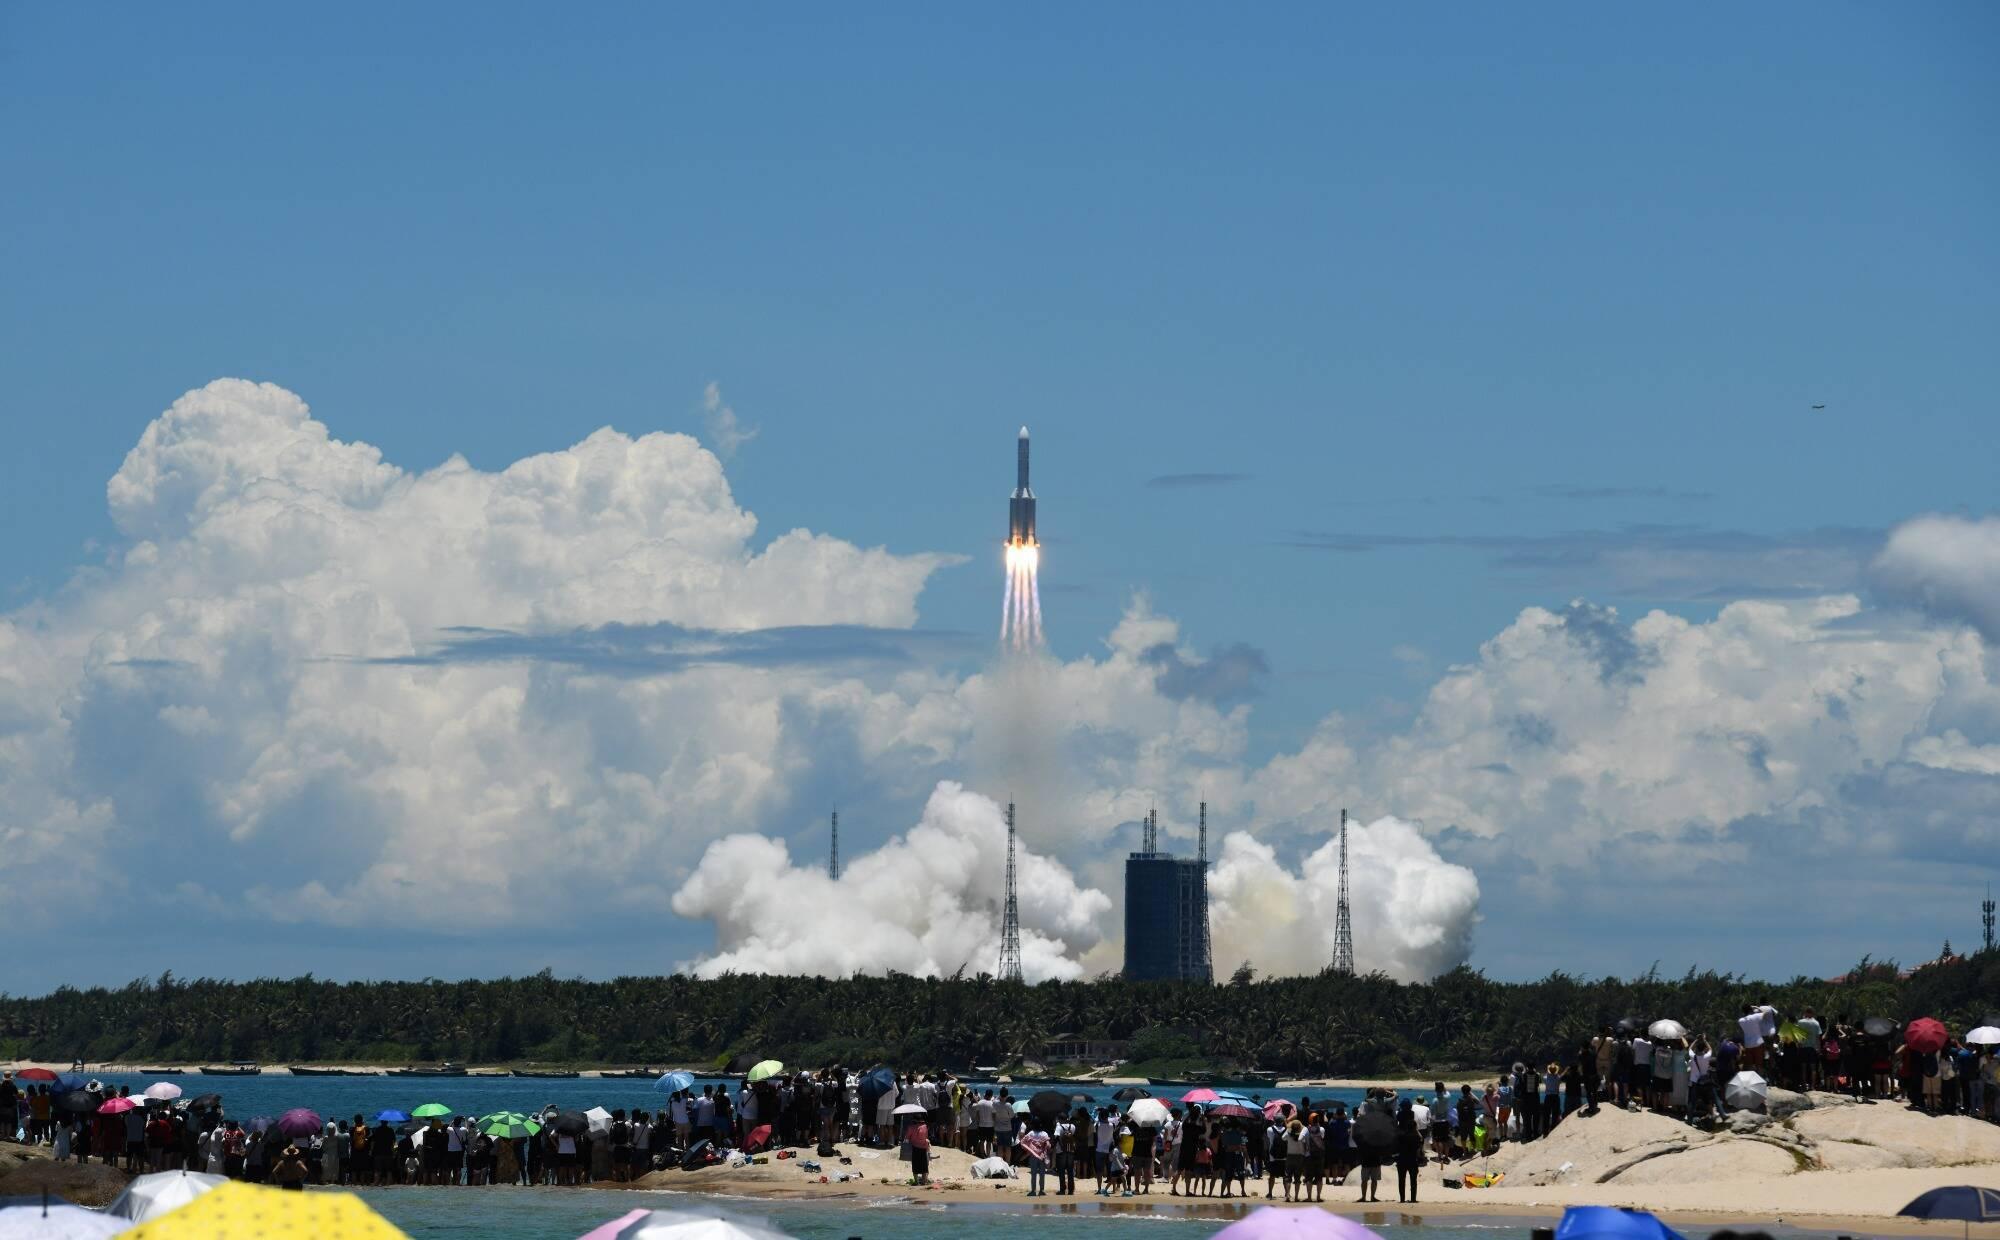 """Зонд по исследованию Марса """"Тяньвень-1 запустили в космос 23 июля"""